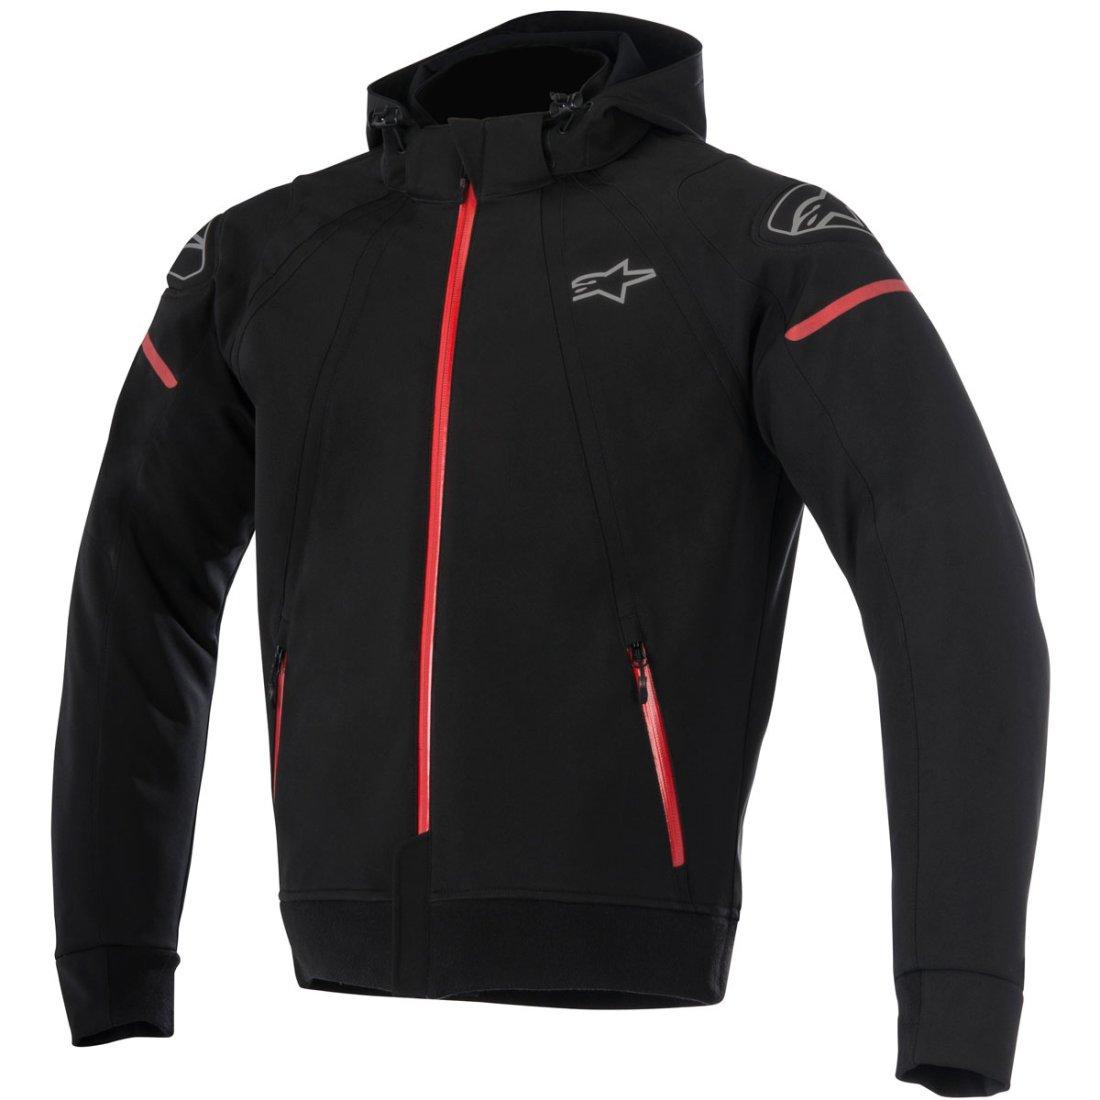 ALPINESTARS Sektor Tech Black Red Jacket